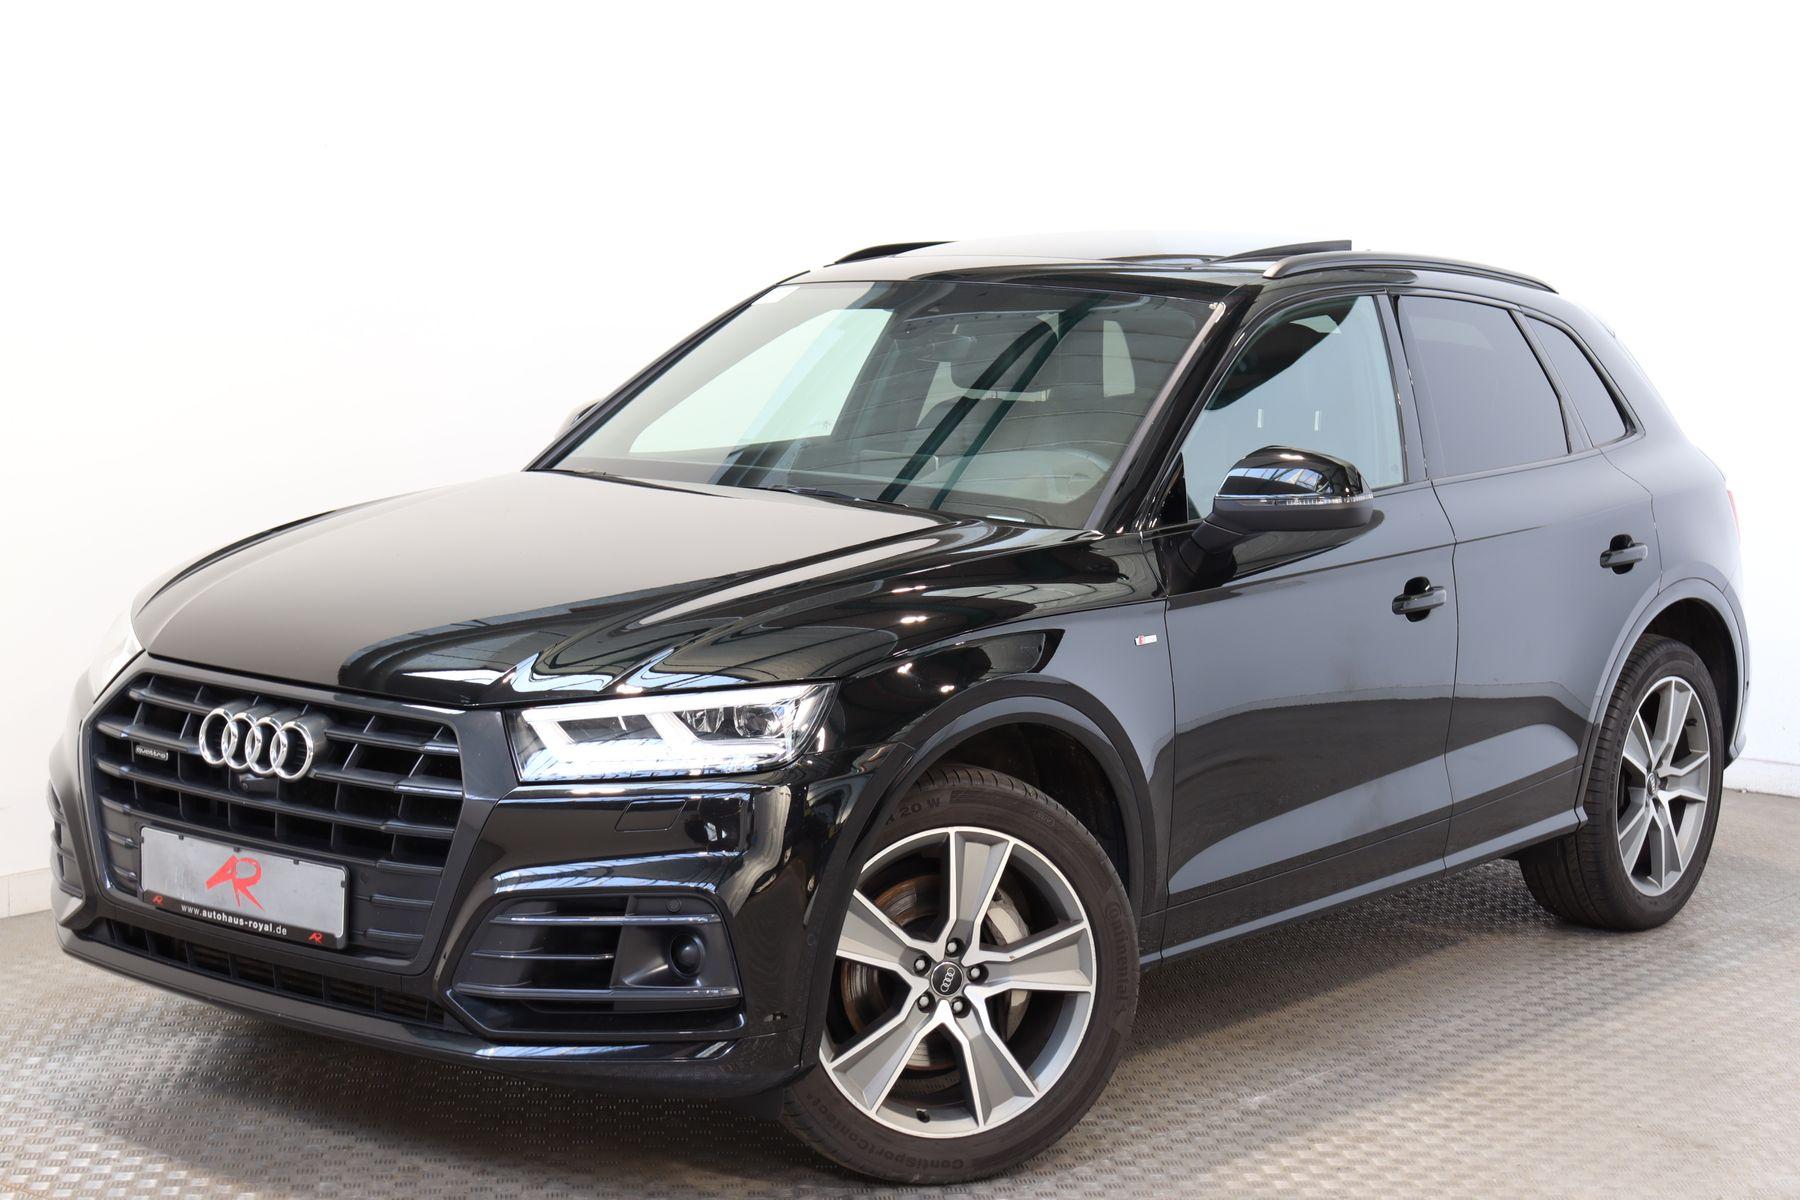 Audi Q5 3.0 TDI qu 3x S LINE B+O,S-SITZE,PARKASSIST., Jahr 2018, Diesel